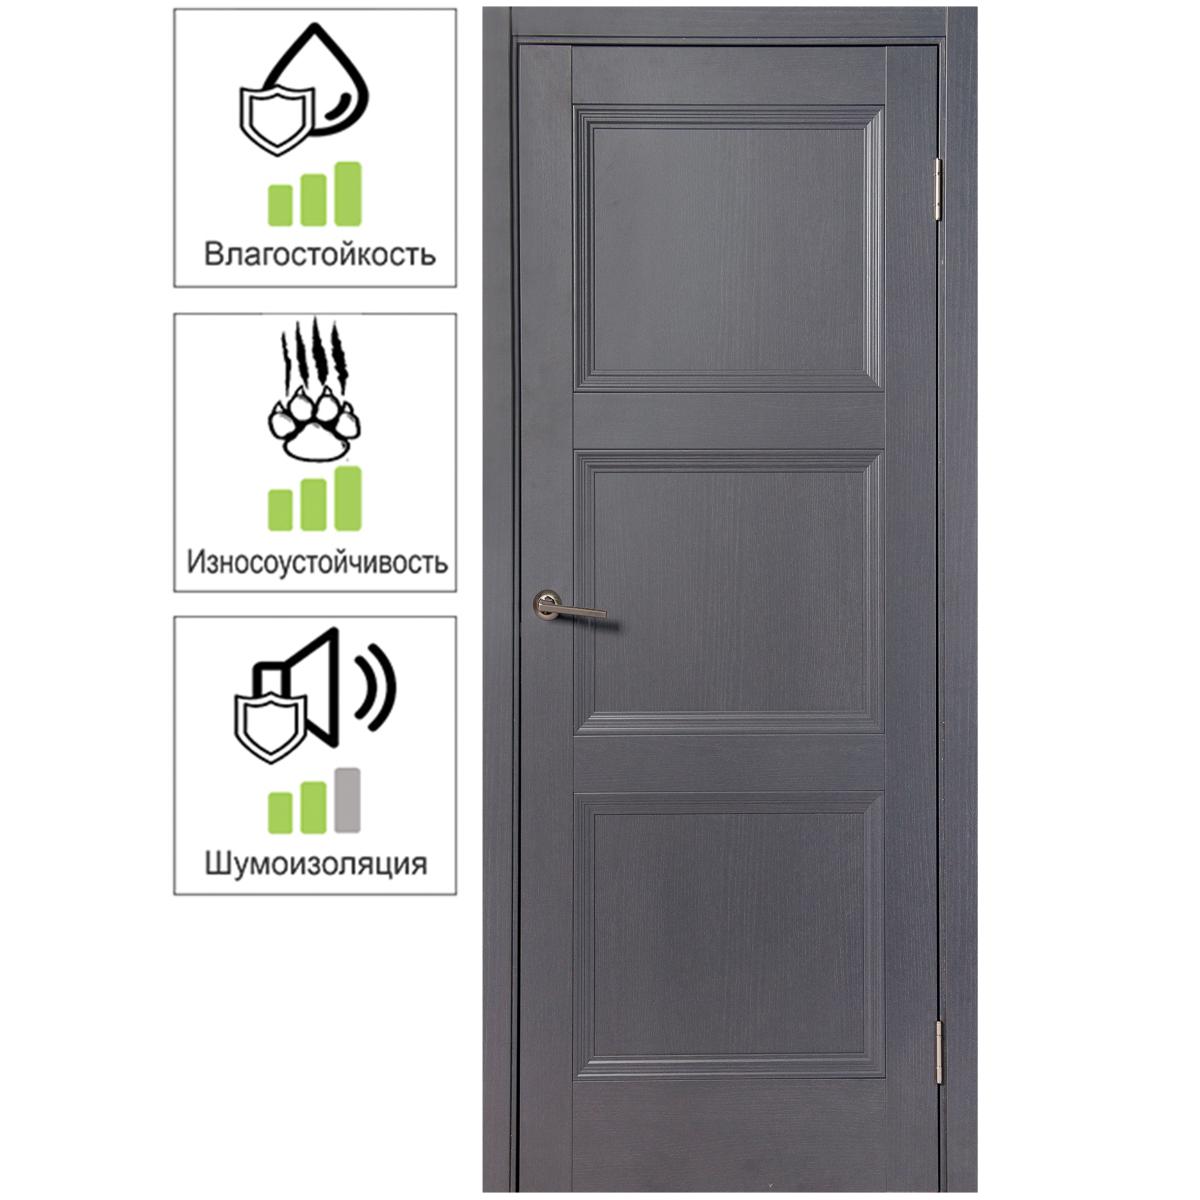 Дверь Межкомнатная Глухая С Замком И Петлями В Комплекте Трилло 70x200  Hardflex Цвет Грей